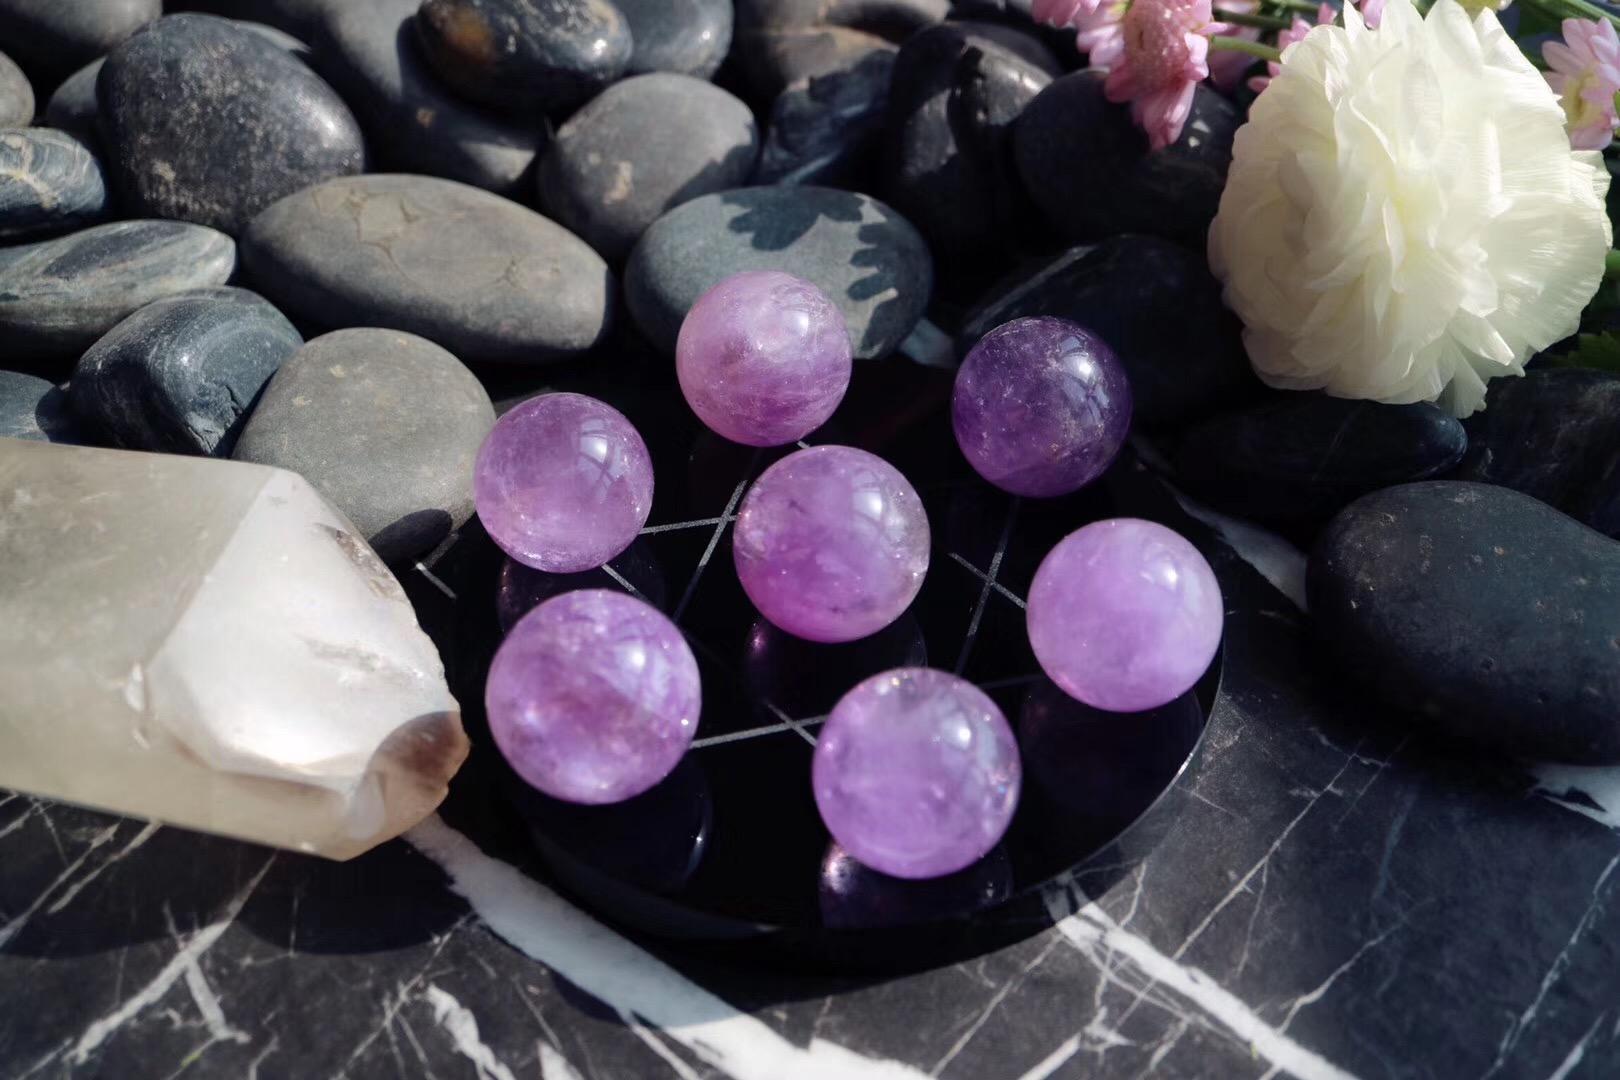 【紫水晶七星阵】紫水晶,神秘而浪漫,象征宁心安神-菩心晶舍